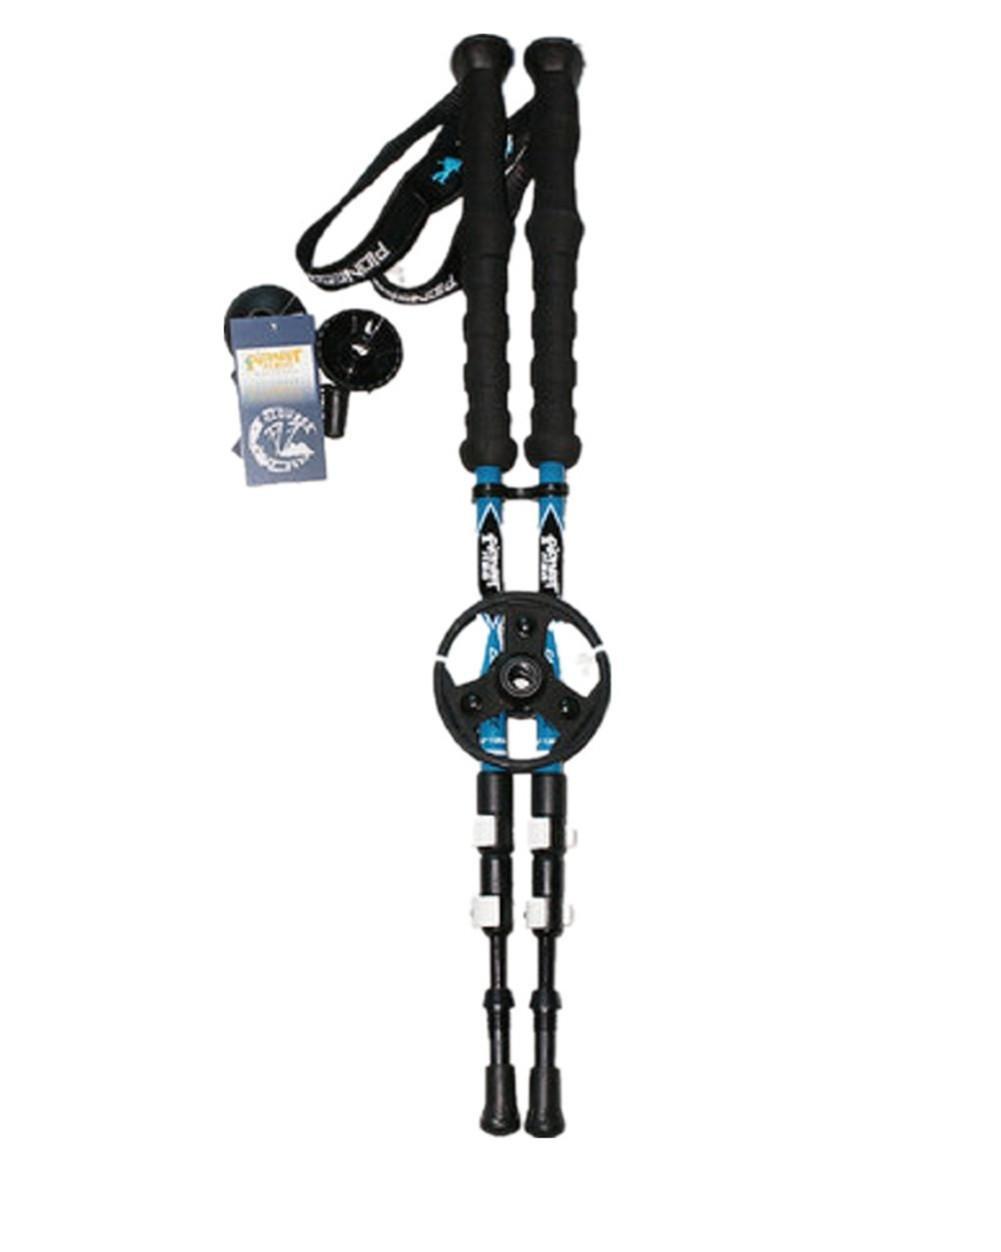 152 5000 Wandern Stick Carbon Fiber EVA Griff 3 Sektion Verstellbare Trekking Pole Leichte Ski Pole Quick Lock Natürliche Stoßdämpfer Walking Stick Alpenstock